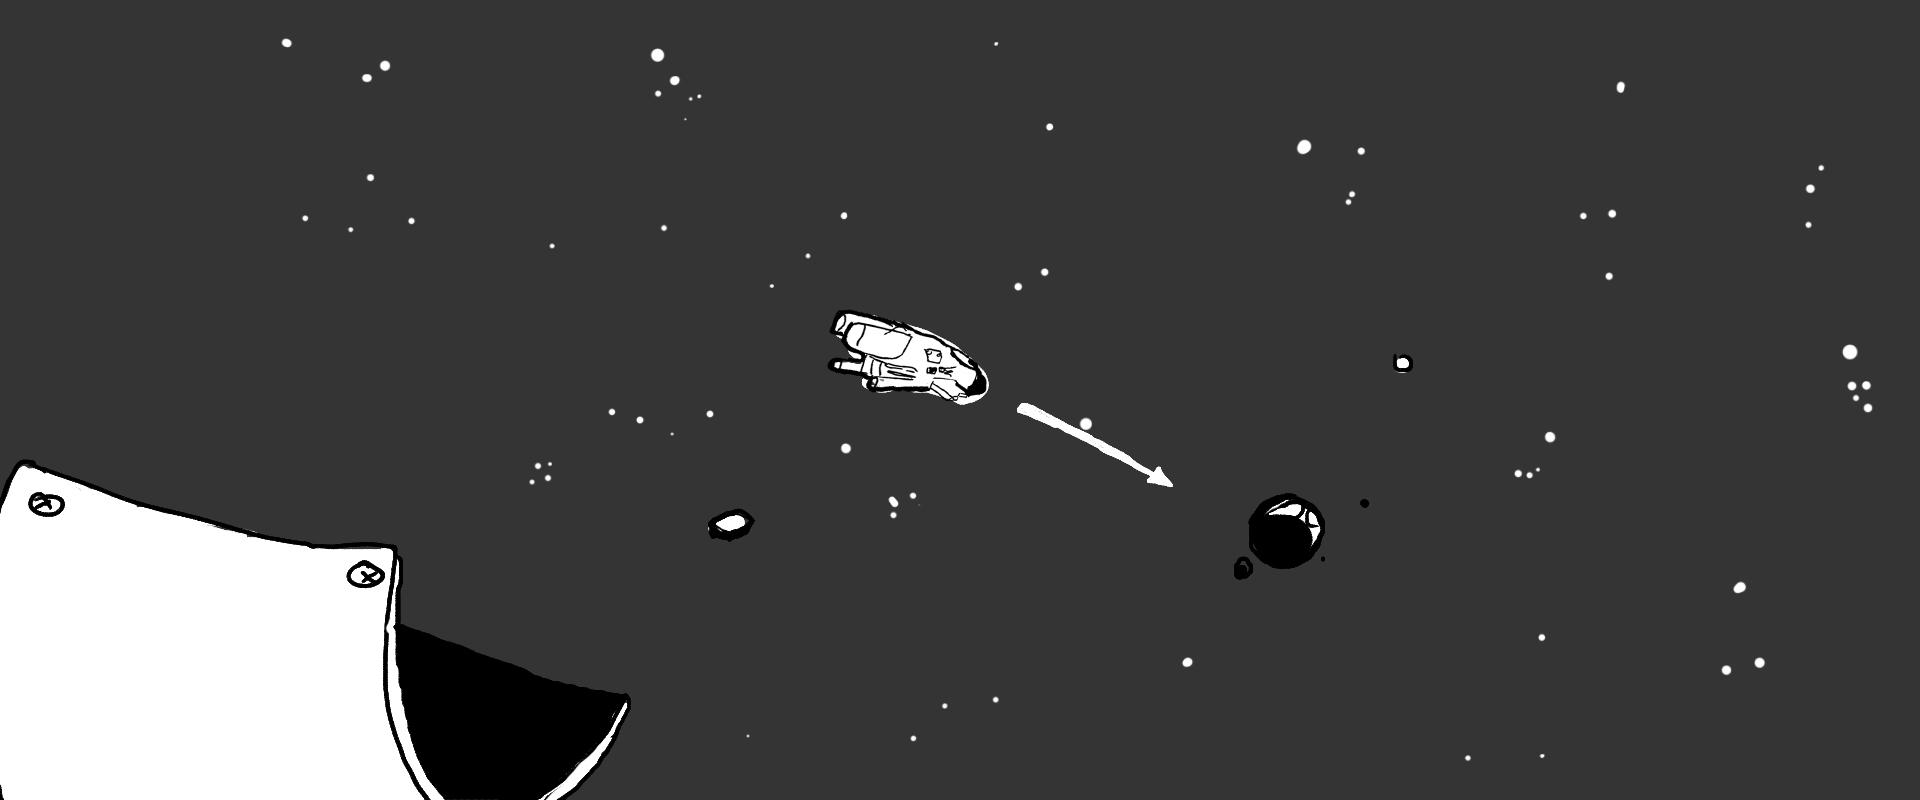 WI_space_2.jpg